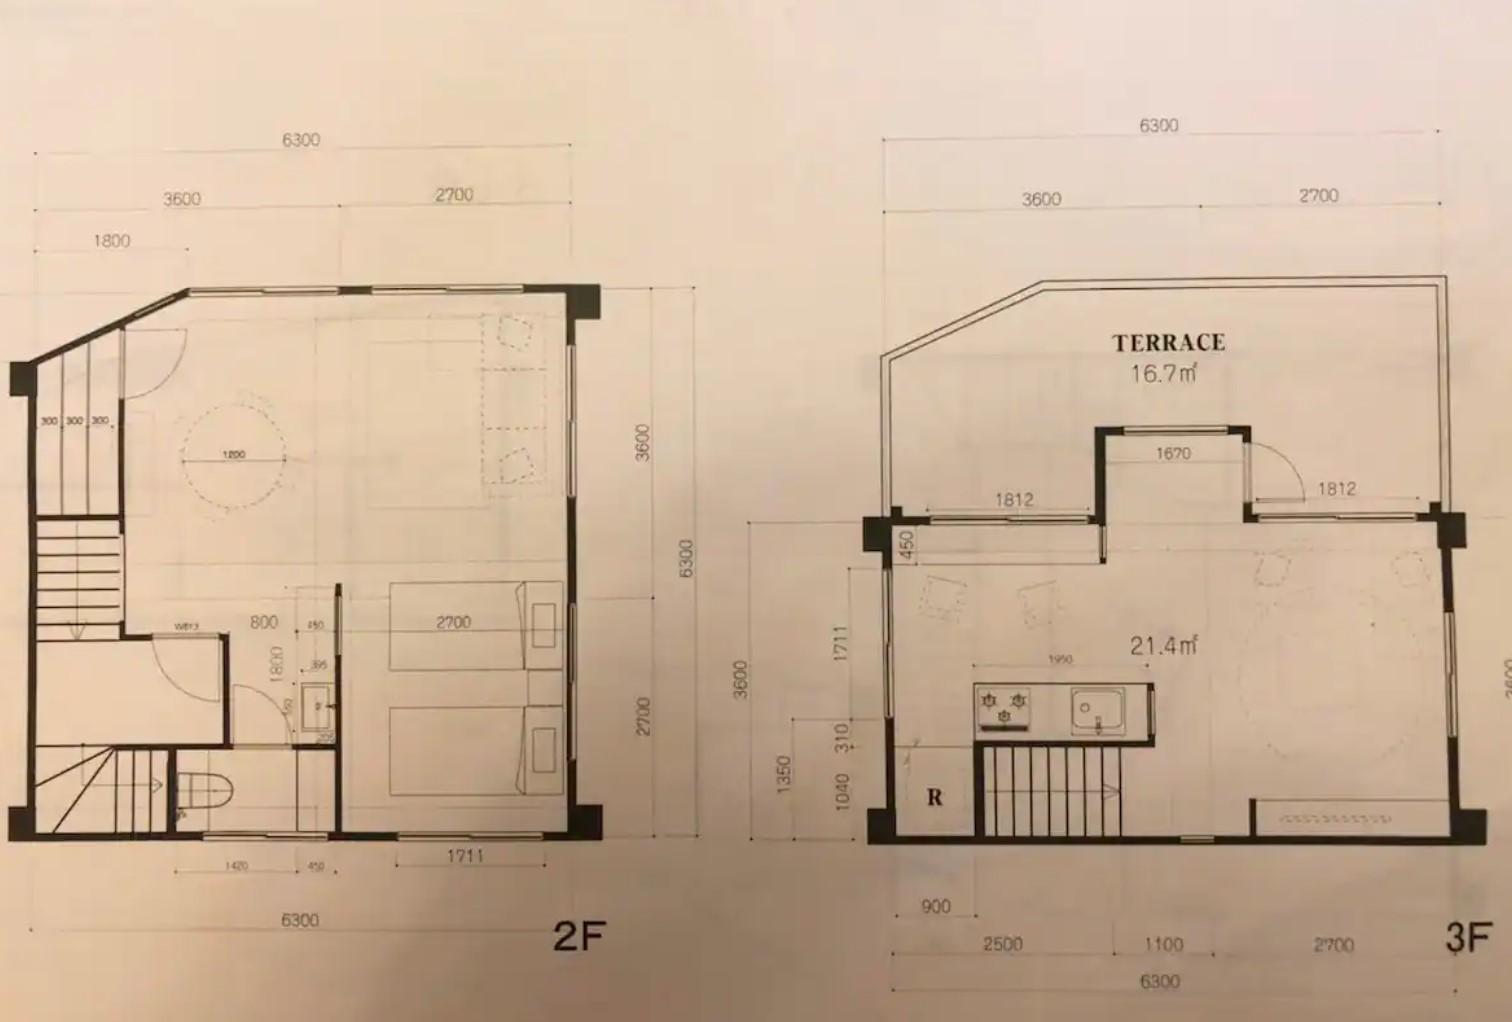 【赤坂_戸建て】駅から徒歩6分!地上3階地下1階建てTERRACE付き!